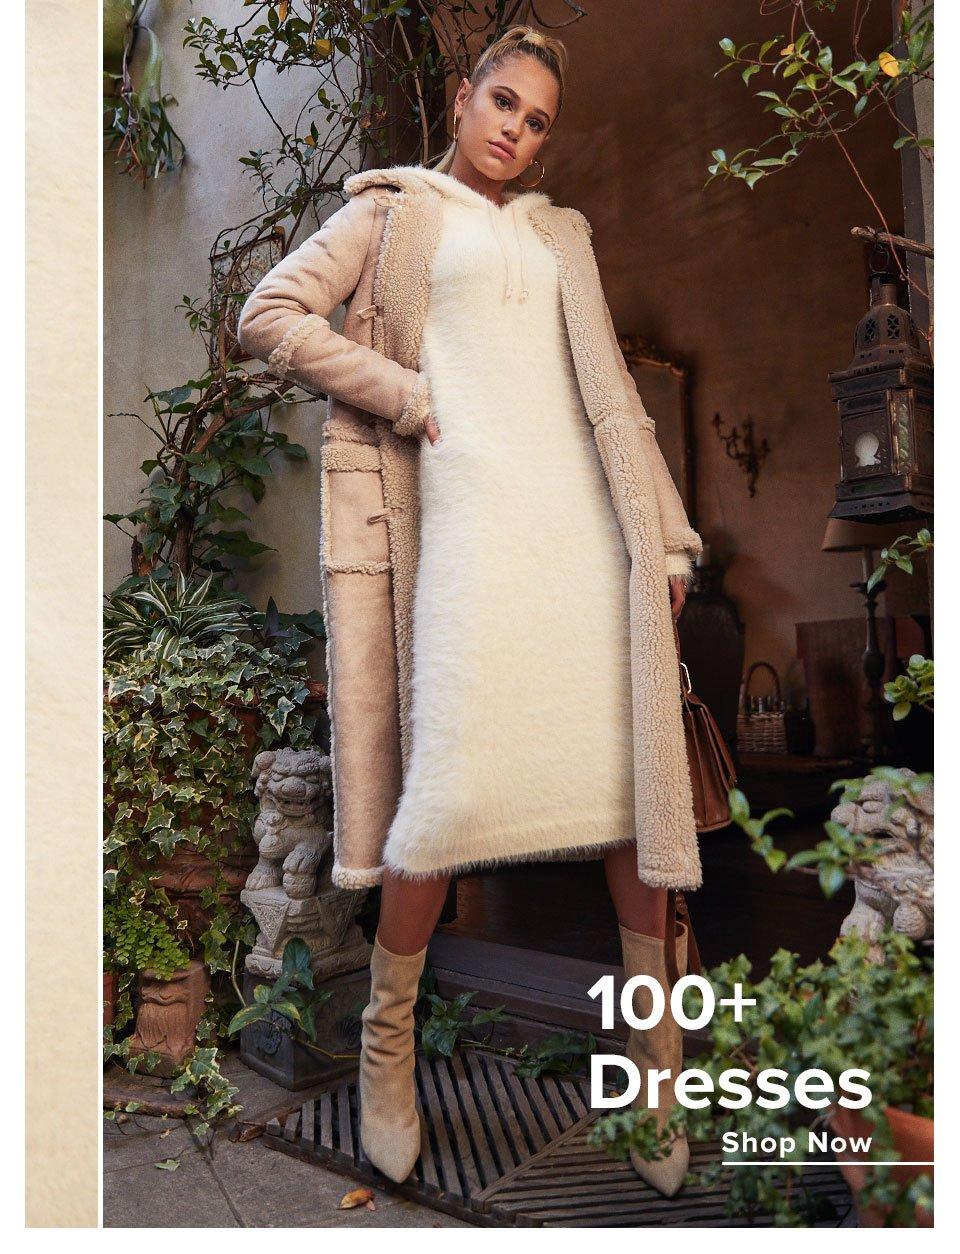 100+ dress. Shop now.